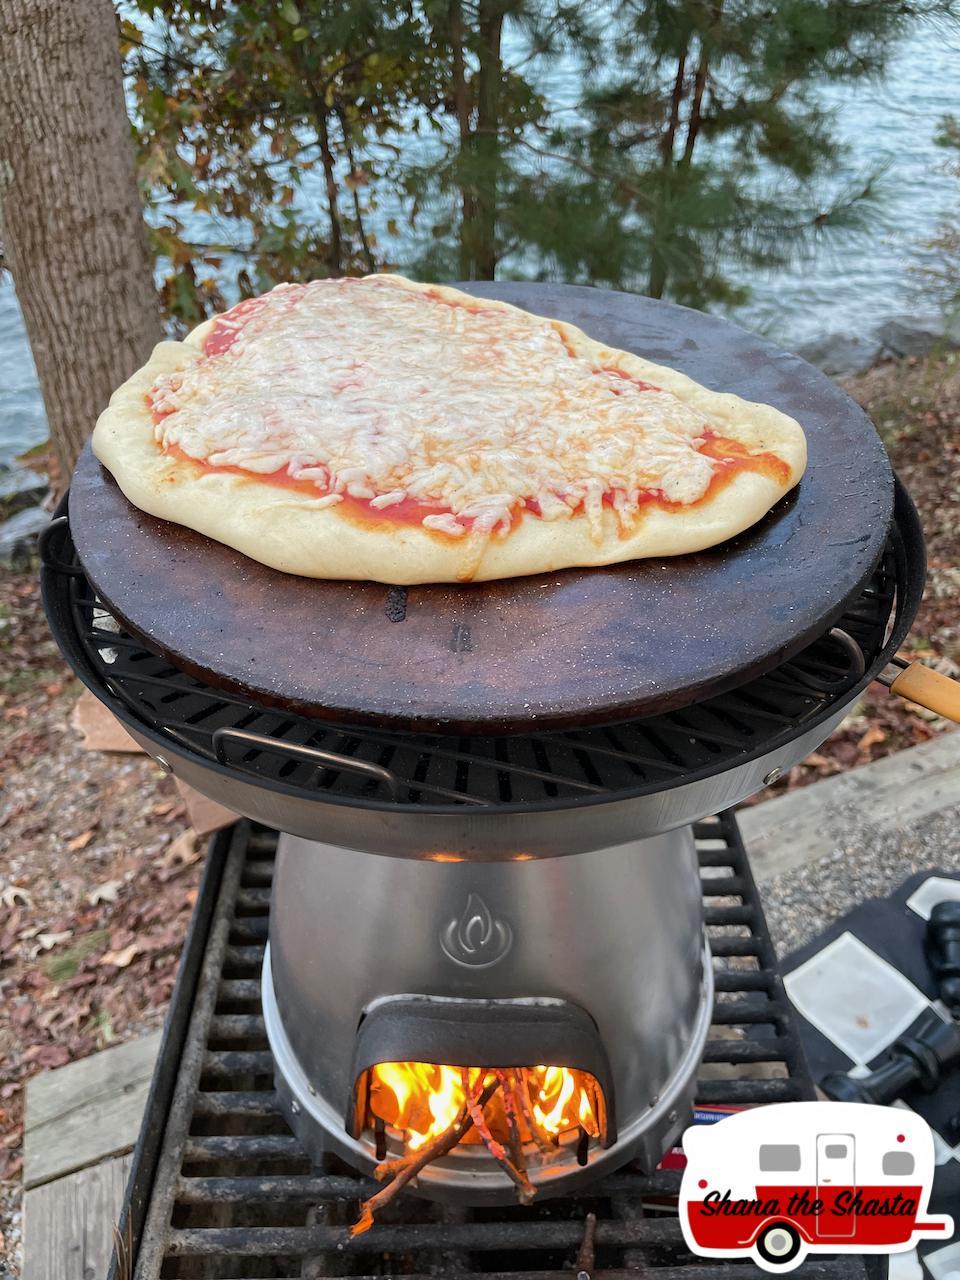 Biolite-Campstove-Pizza-Stone